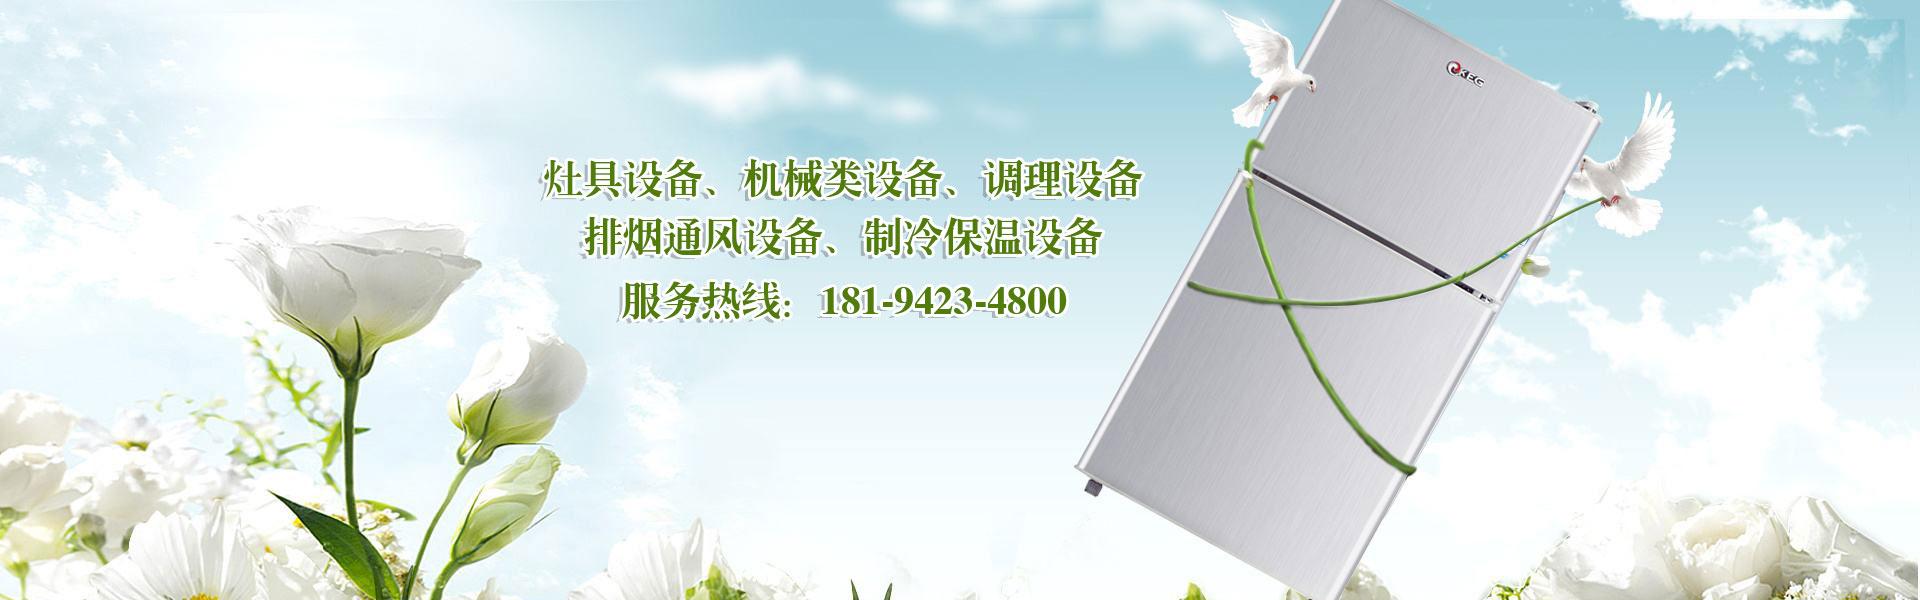 灶具设备、排烟通风设备、调理设备、机械类设备、制冷保温设备